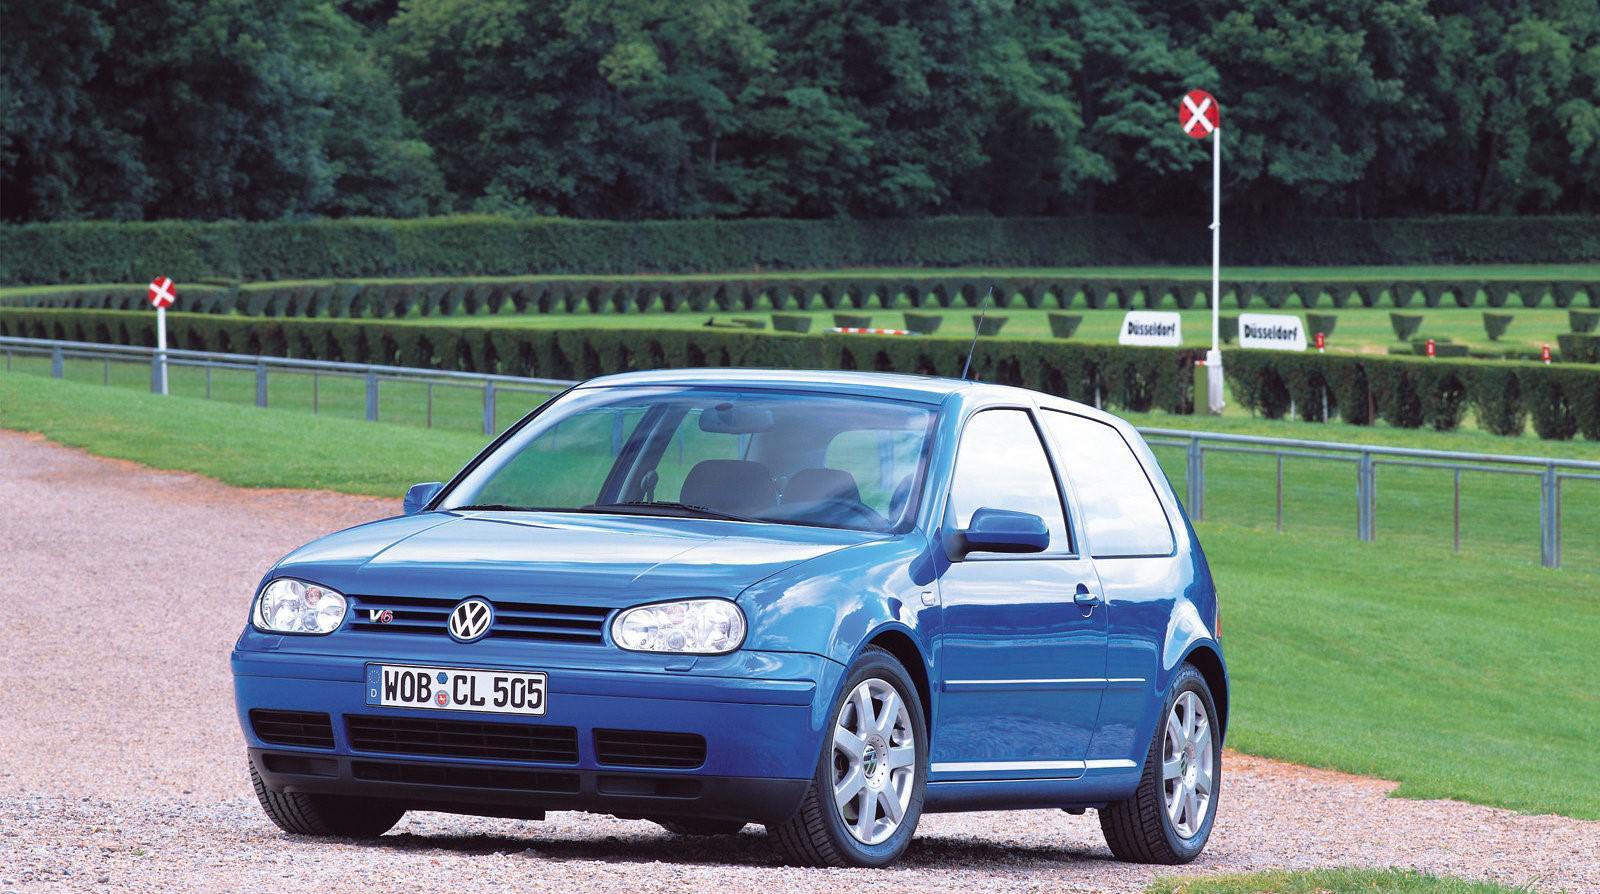 golf-iv-r32-il-etait-une-fois-une-voiture-de-legende-1265-2.jpg